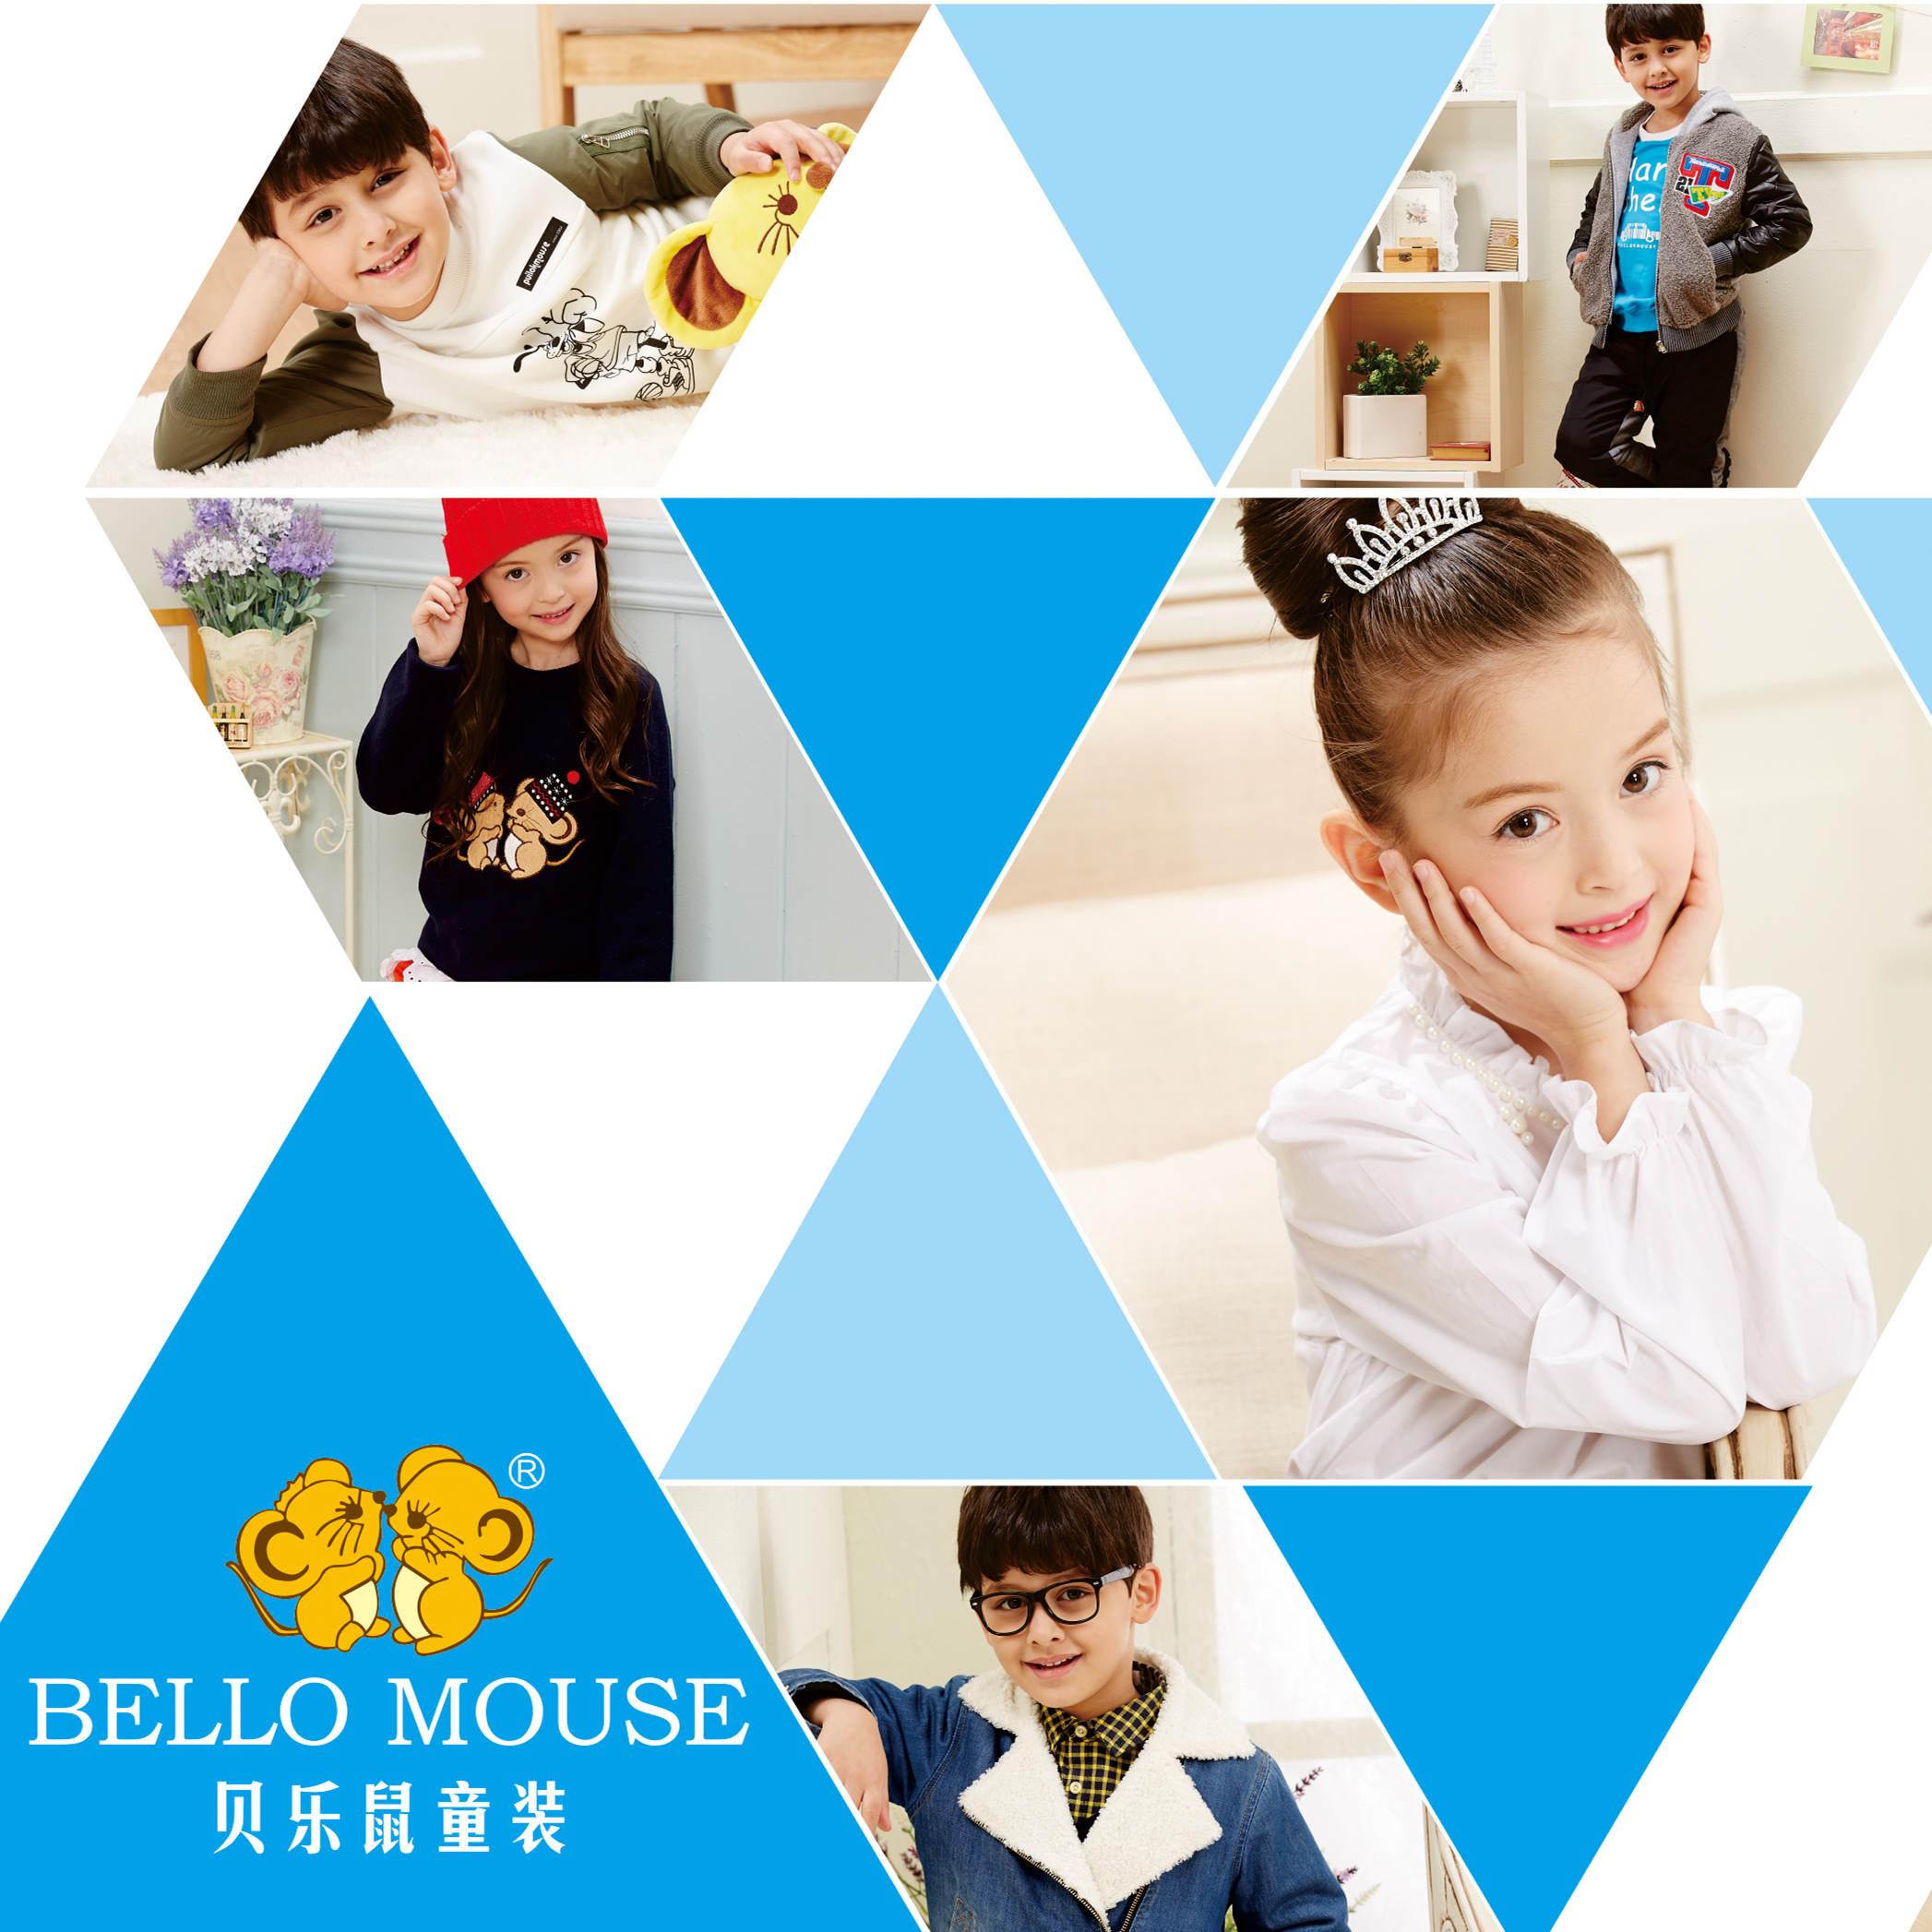 童装加盟就选贝乐鼠童装品牌